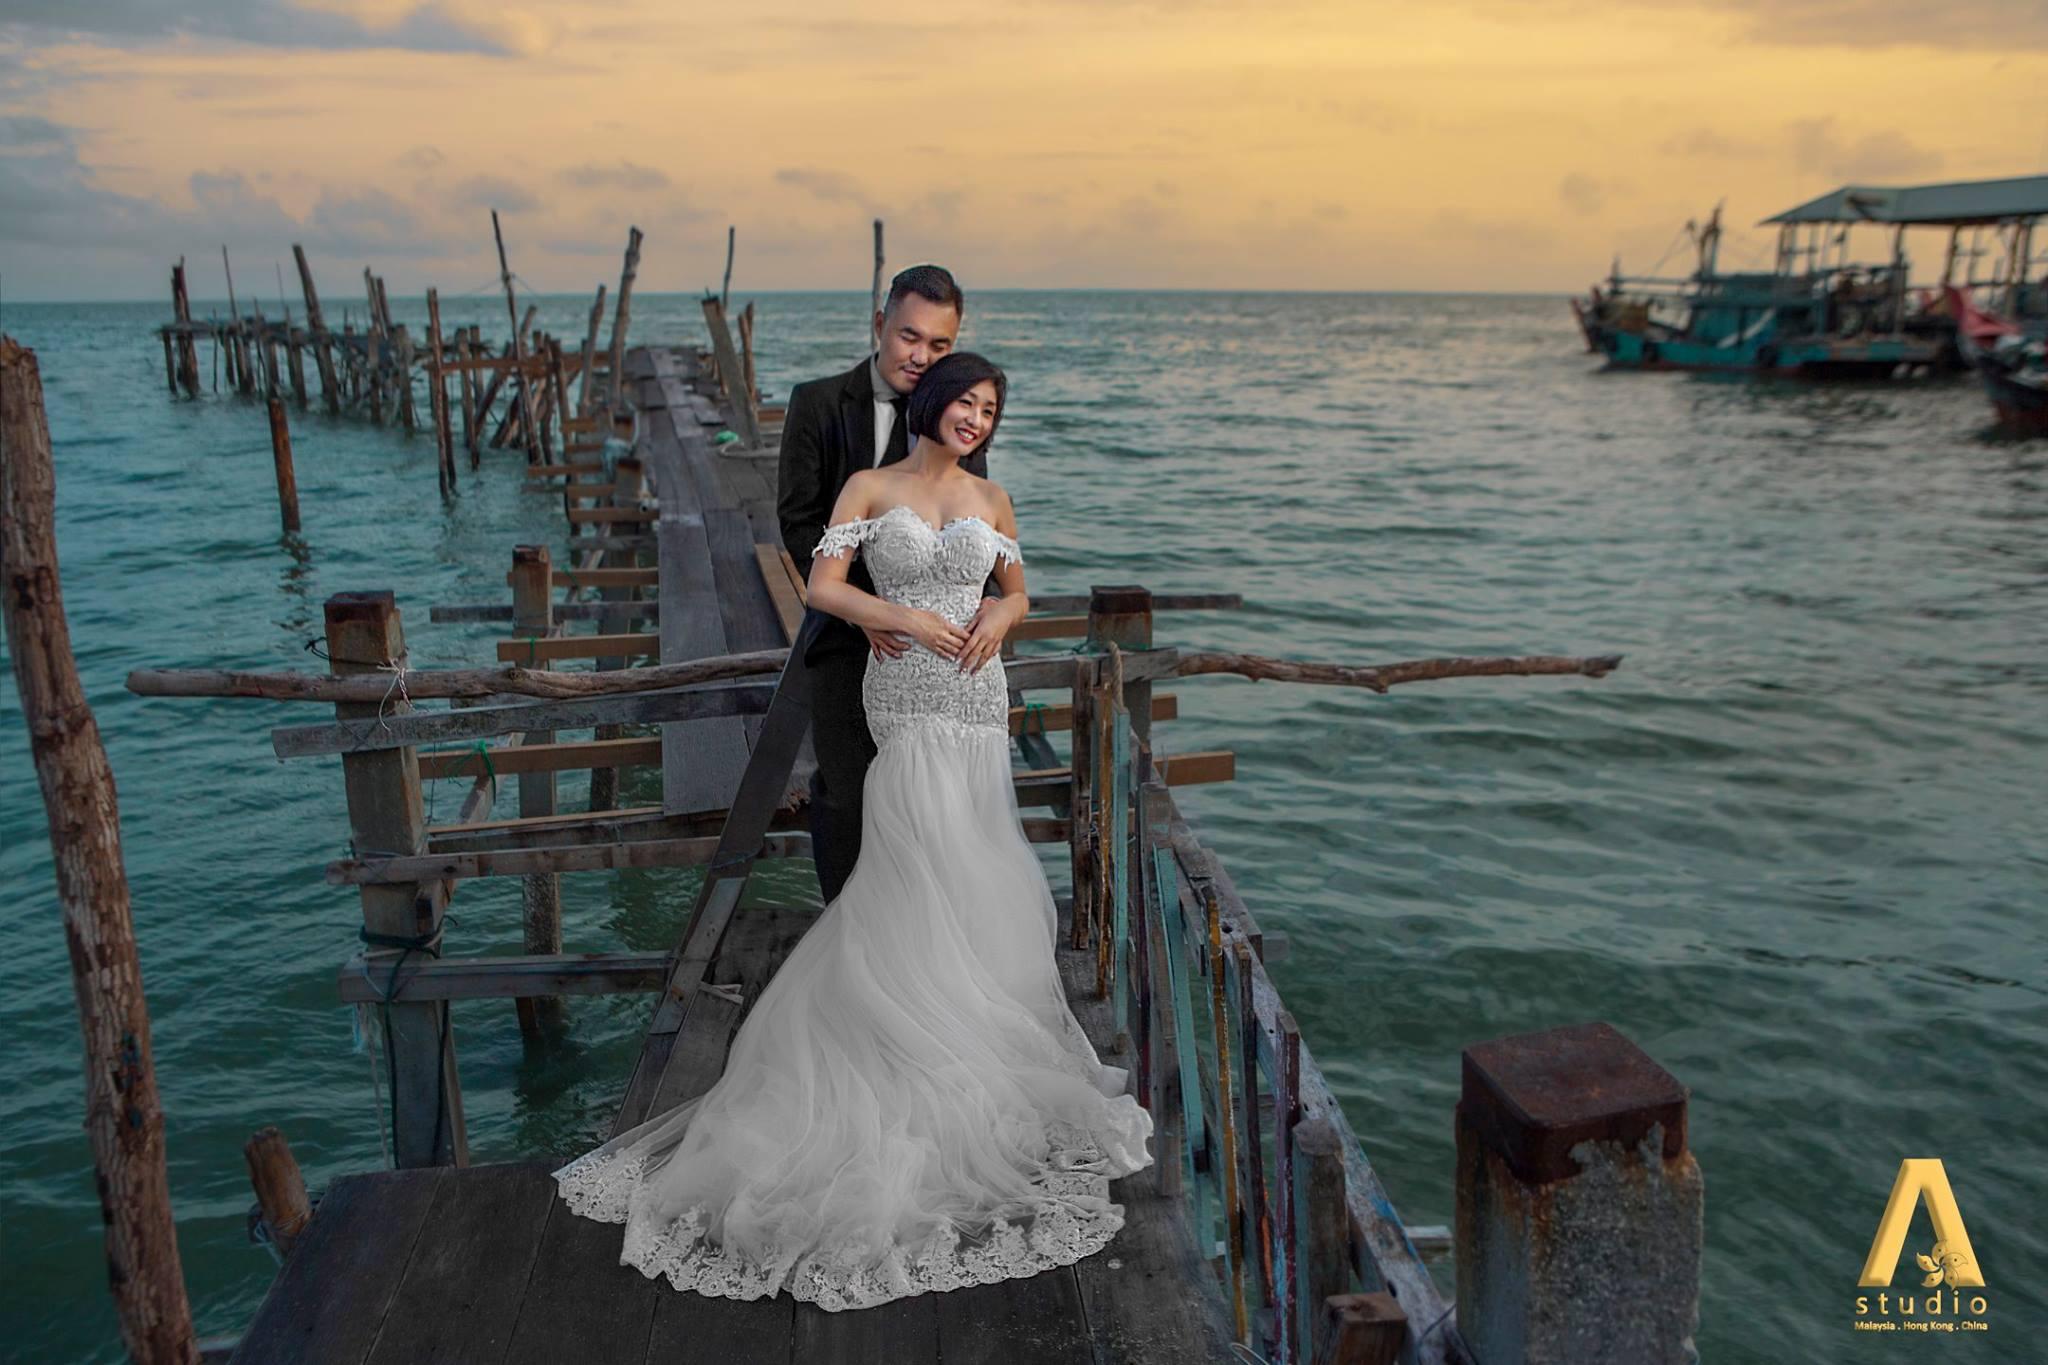 Inzpire Wedding Gown in Penang